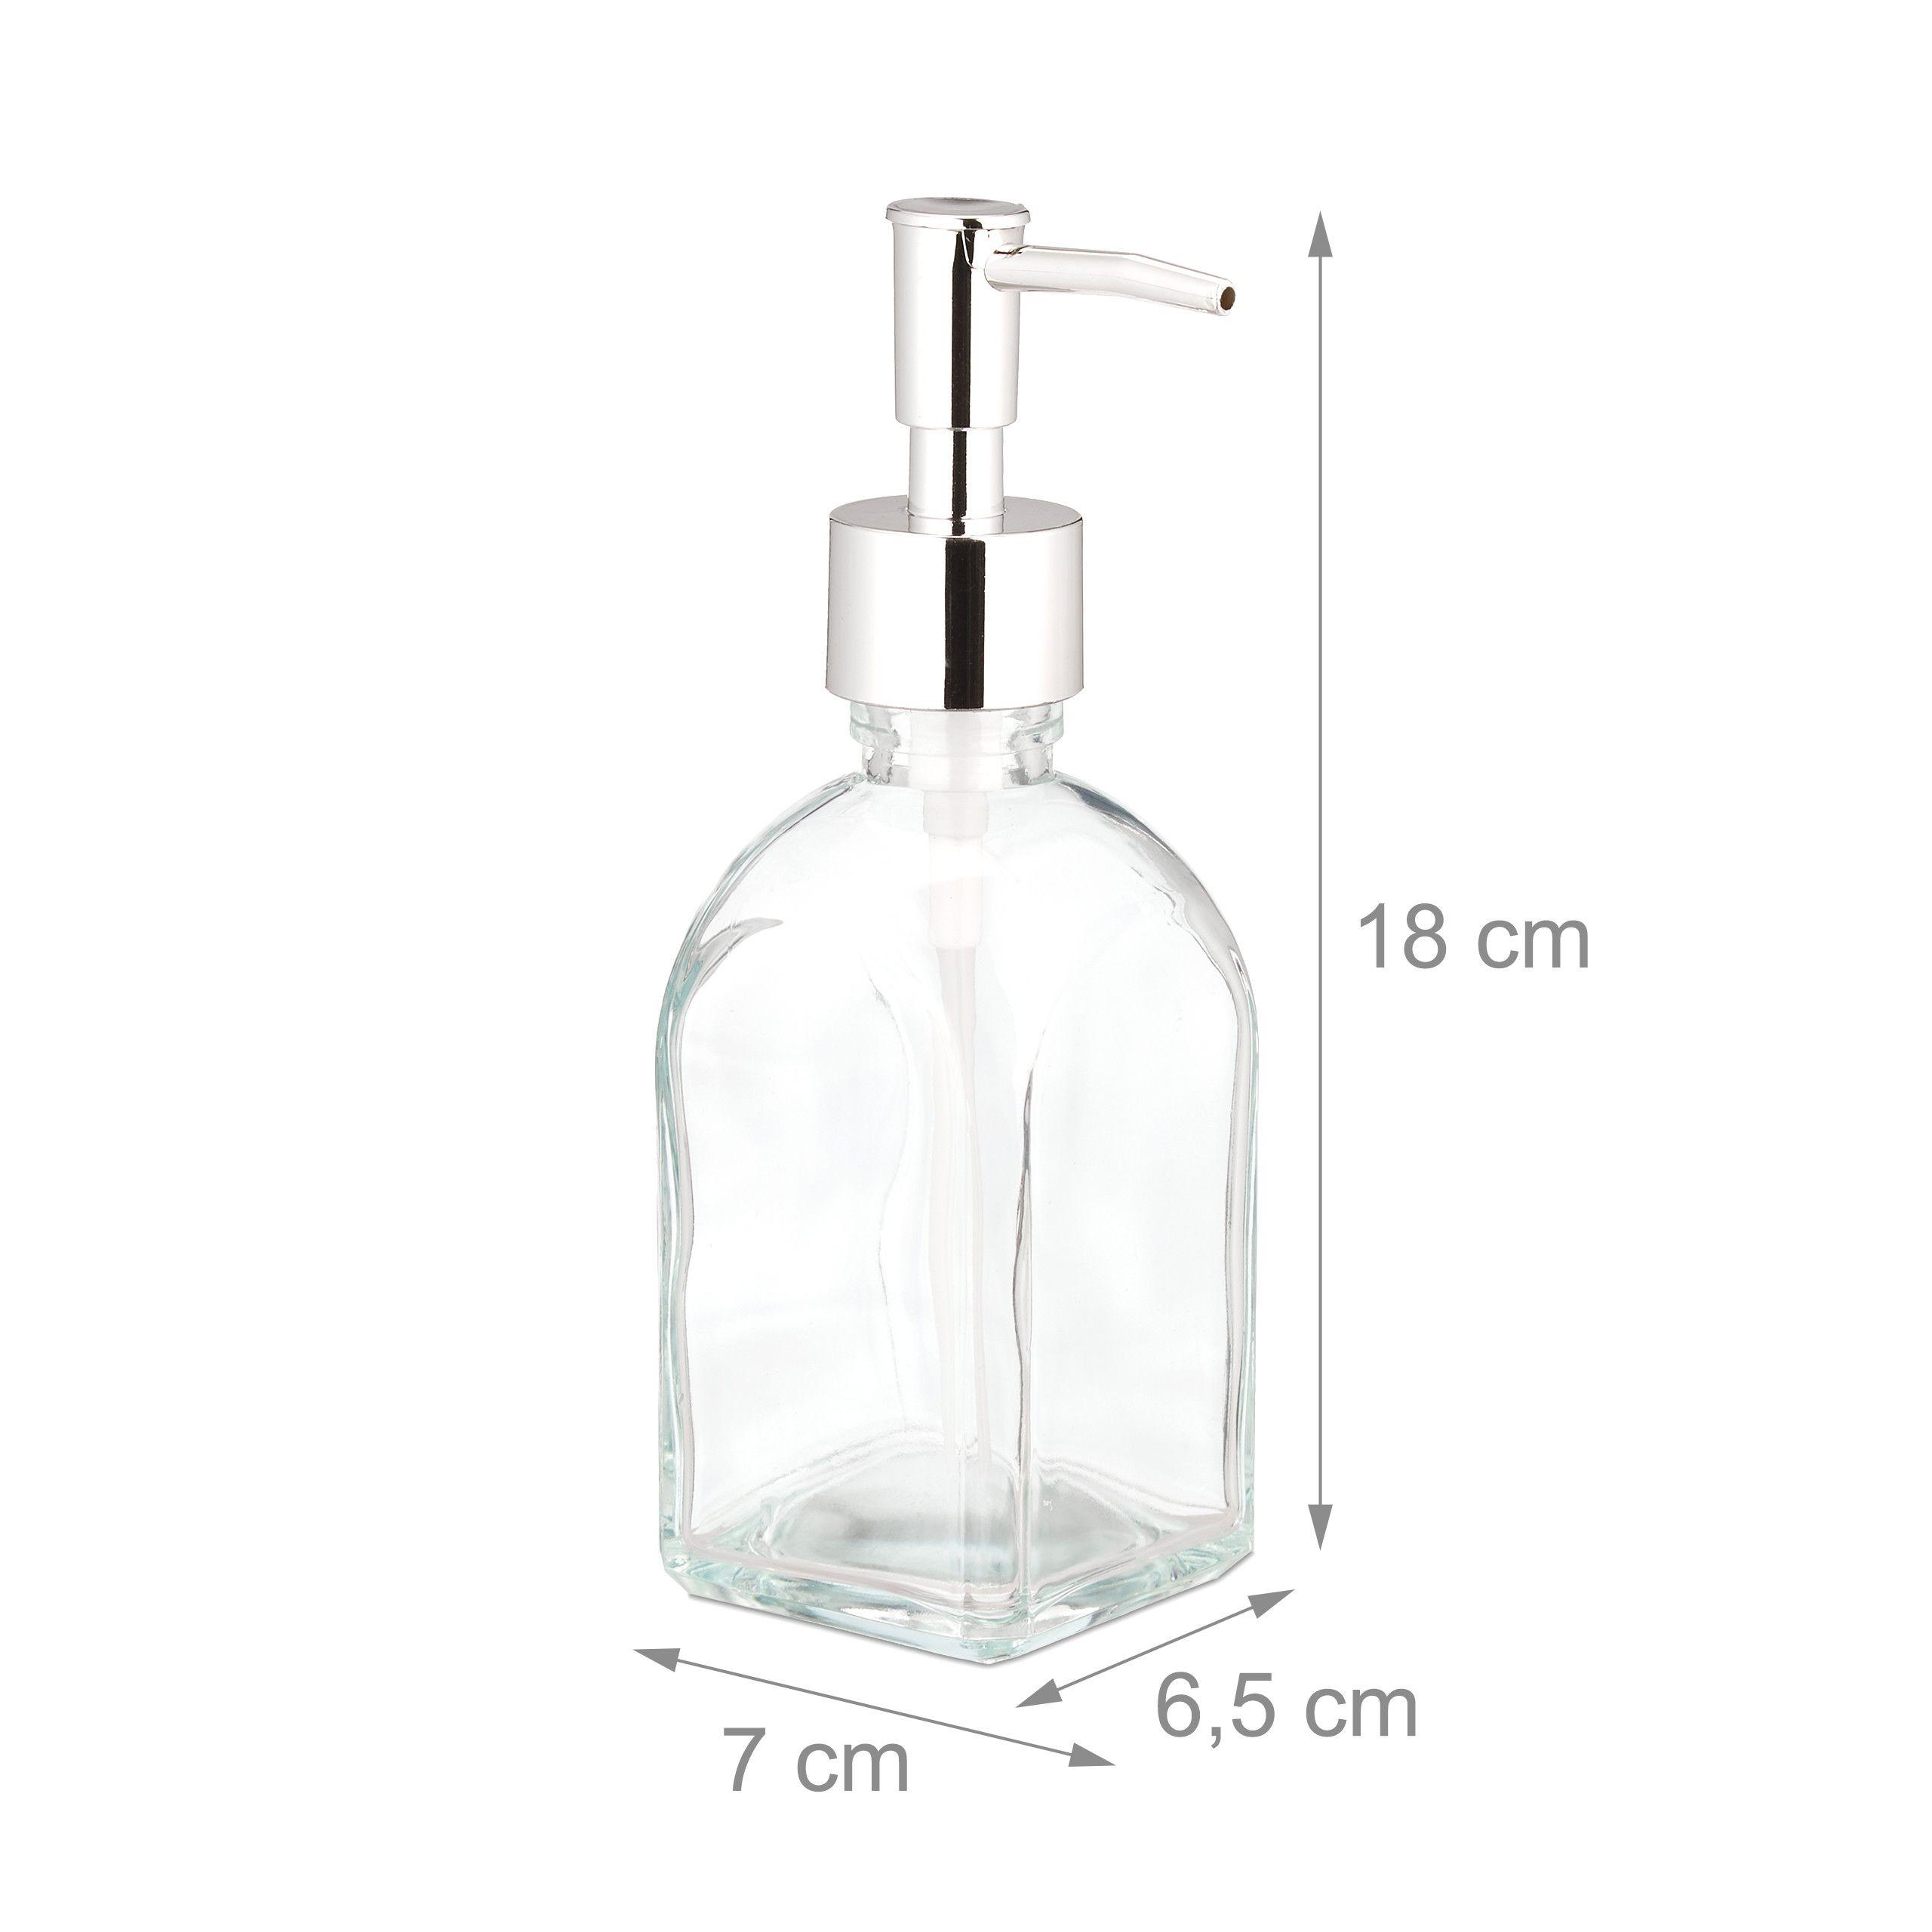 1000ml nachf/üllbarer Seifenspender Pumpe 2er Set Pumpflasche Spender mit Silikontrichter und Etiketten vielseitig einsetzbar RR READY REFILLS Shampoo und Sp/ülung Flaschen